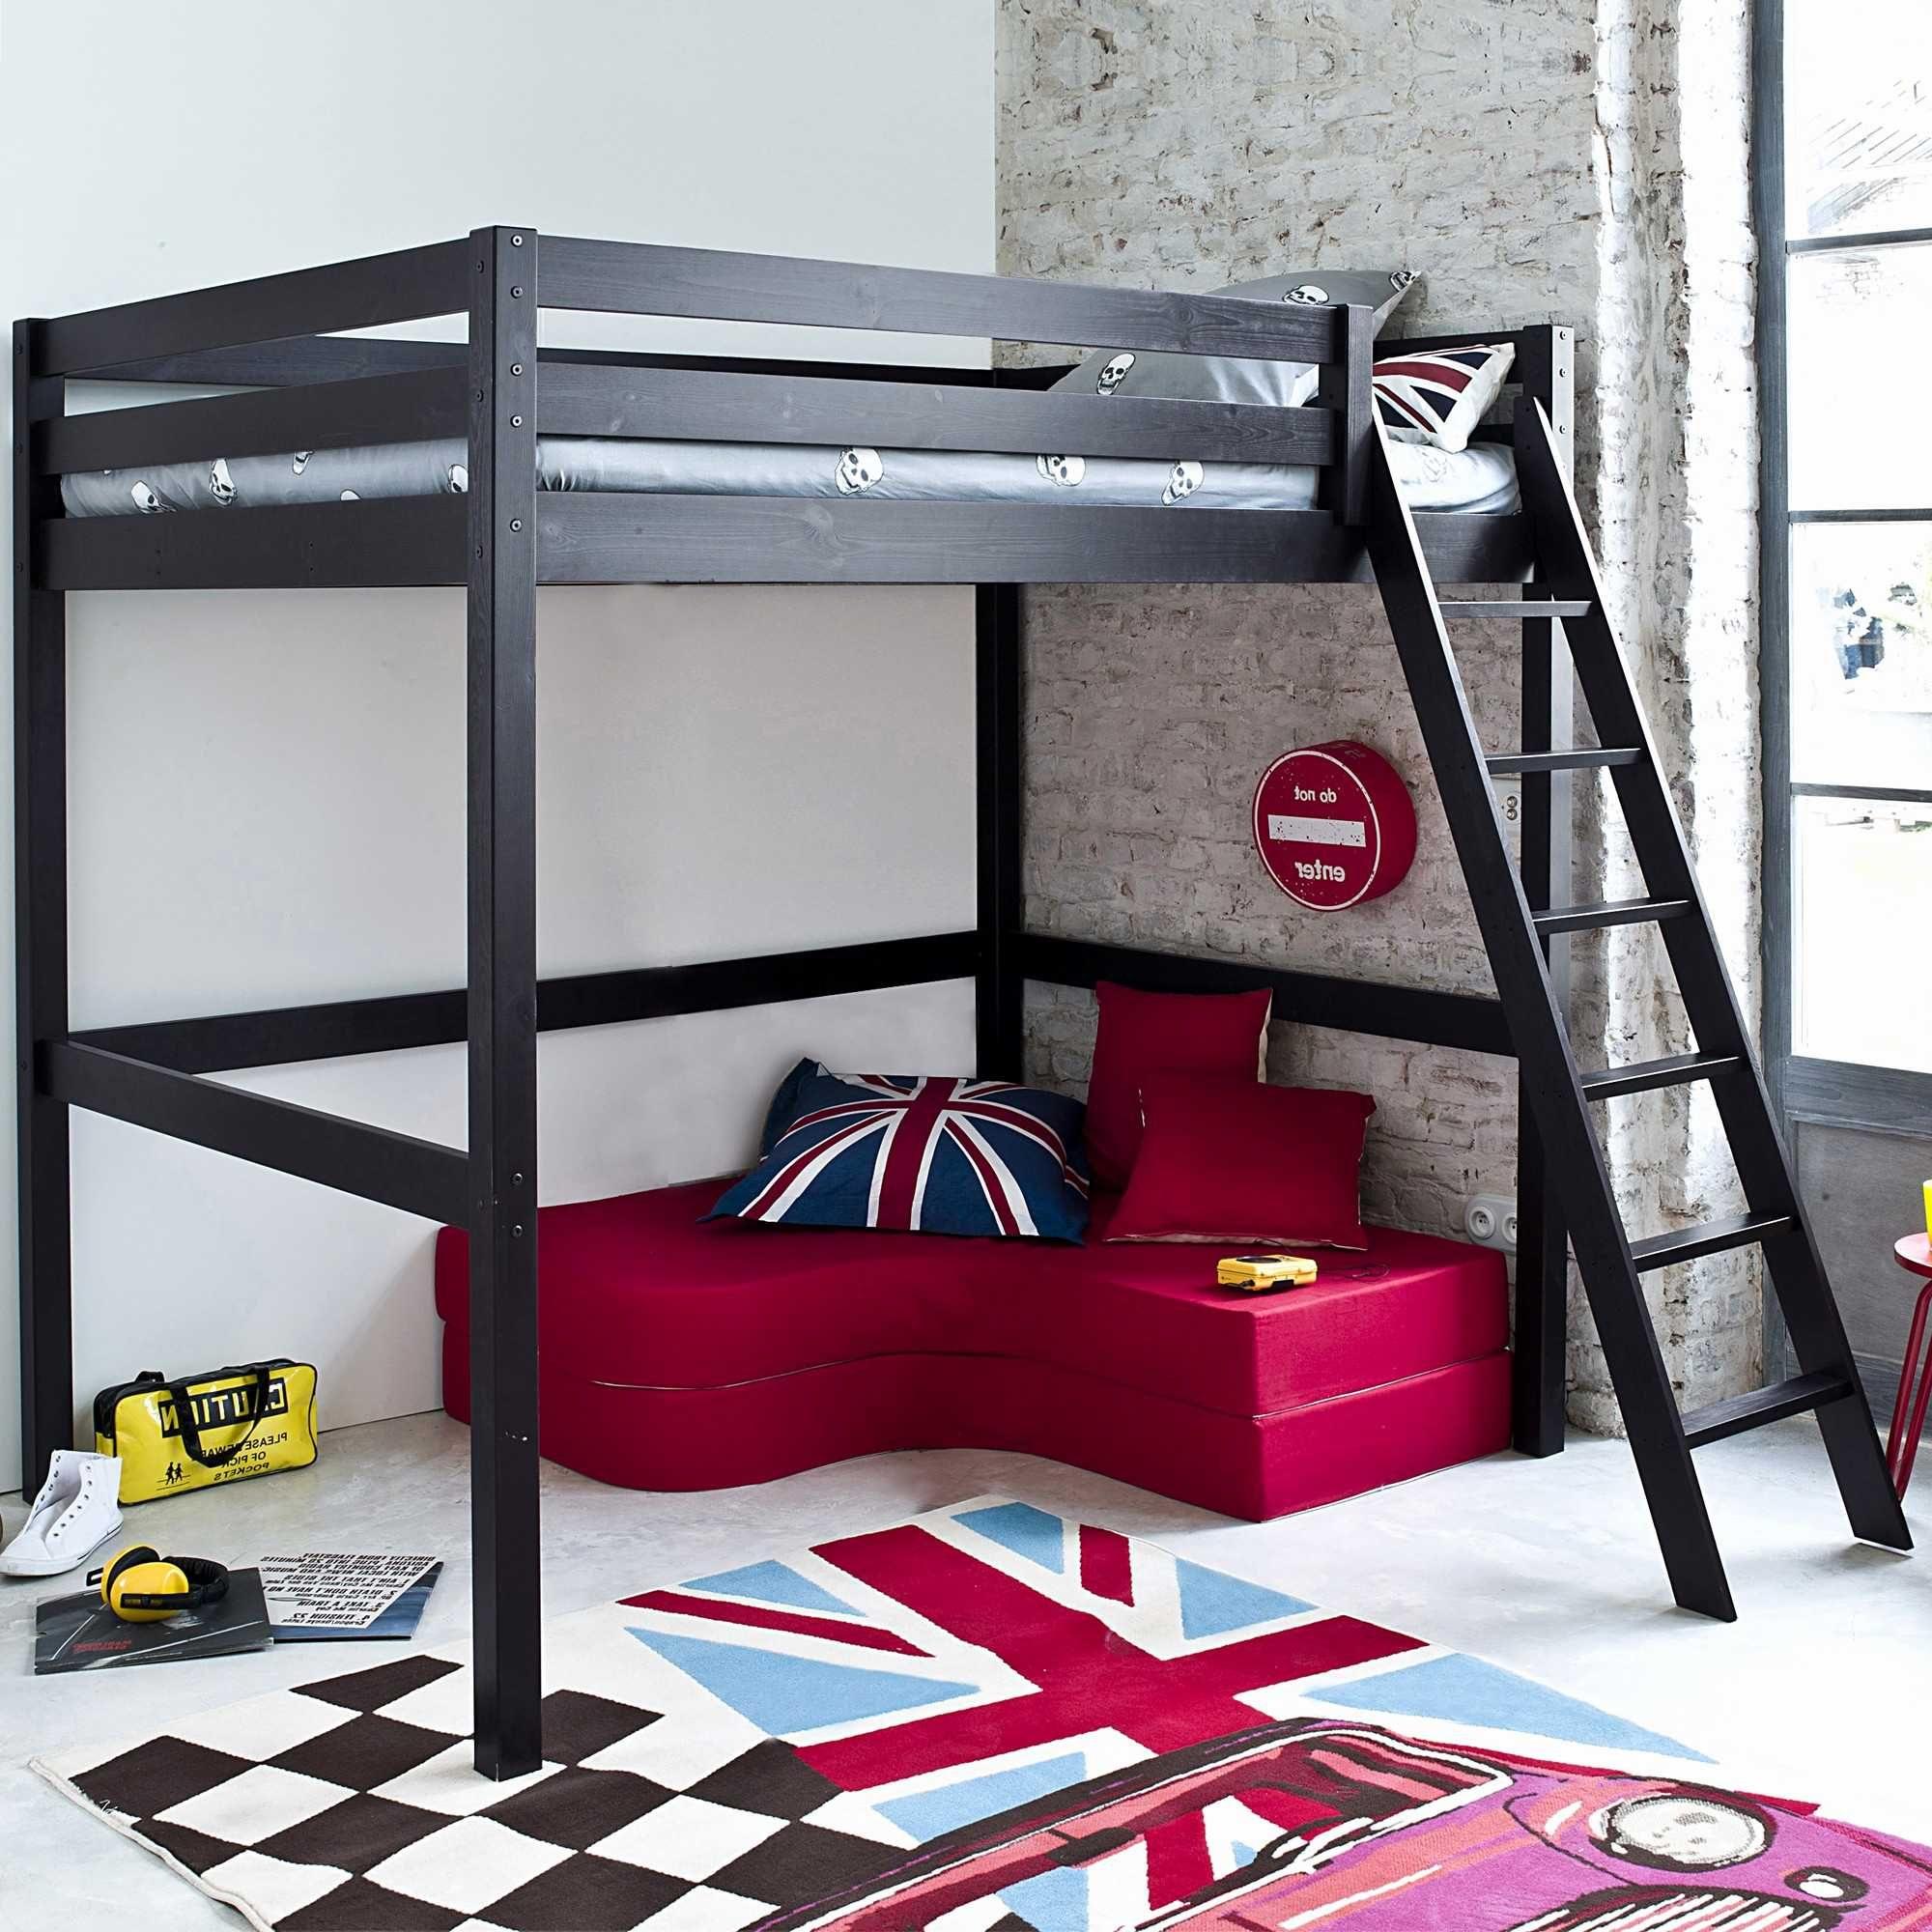 Lit Superposé Alinea Unique Séduisant Chambre Enfant Lit Superposé Ou Lit Biné Armoire Fresh Lit